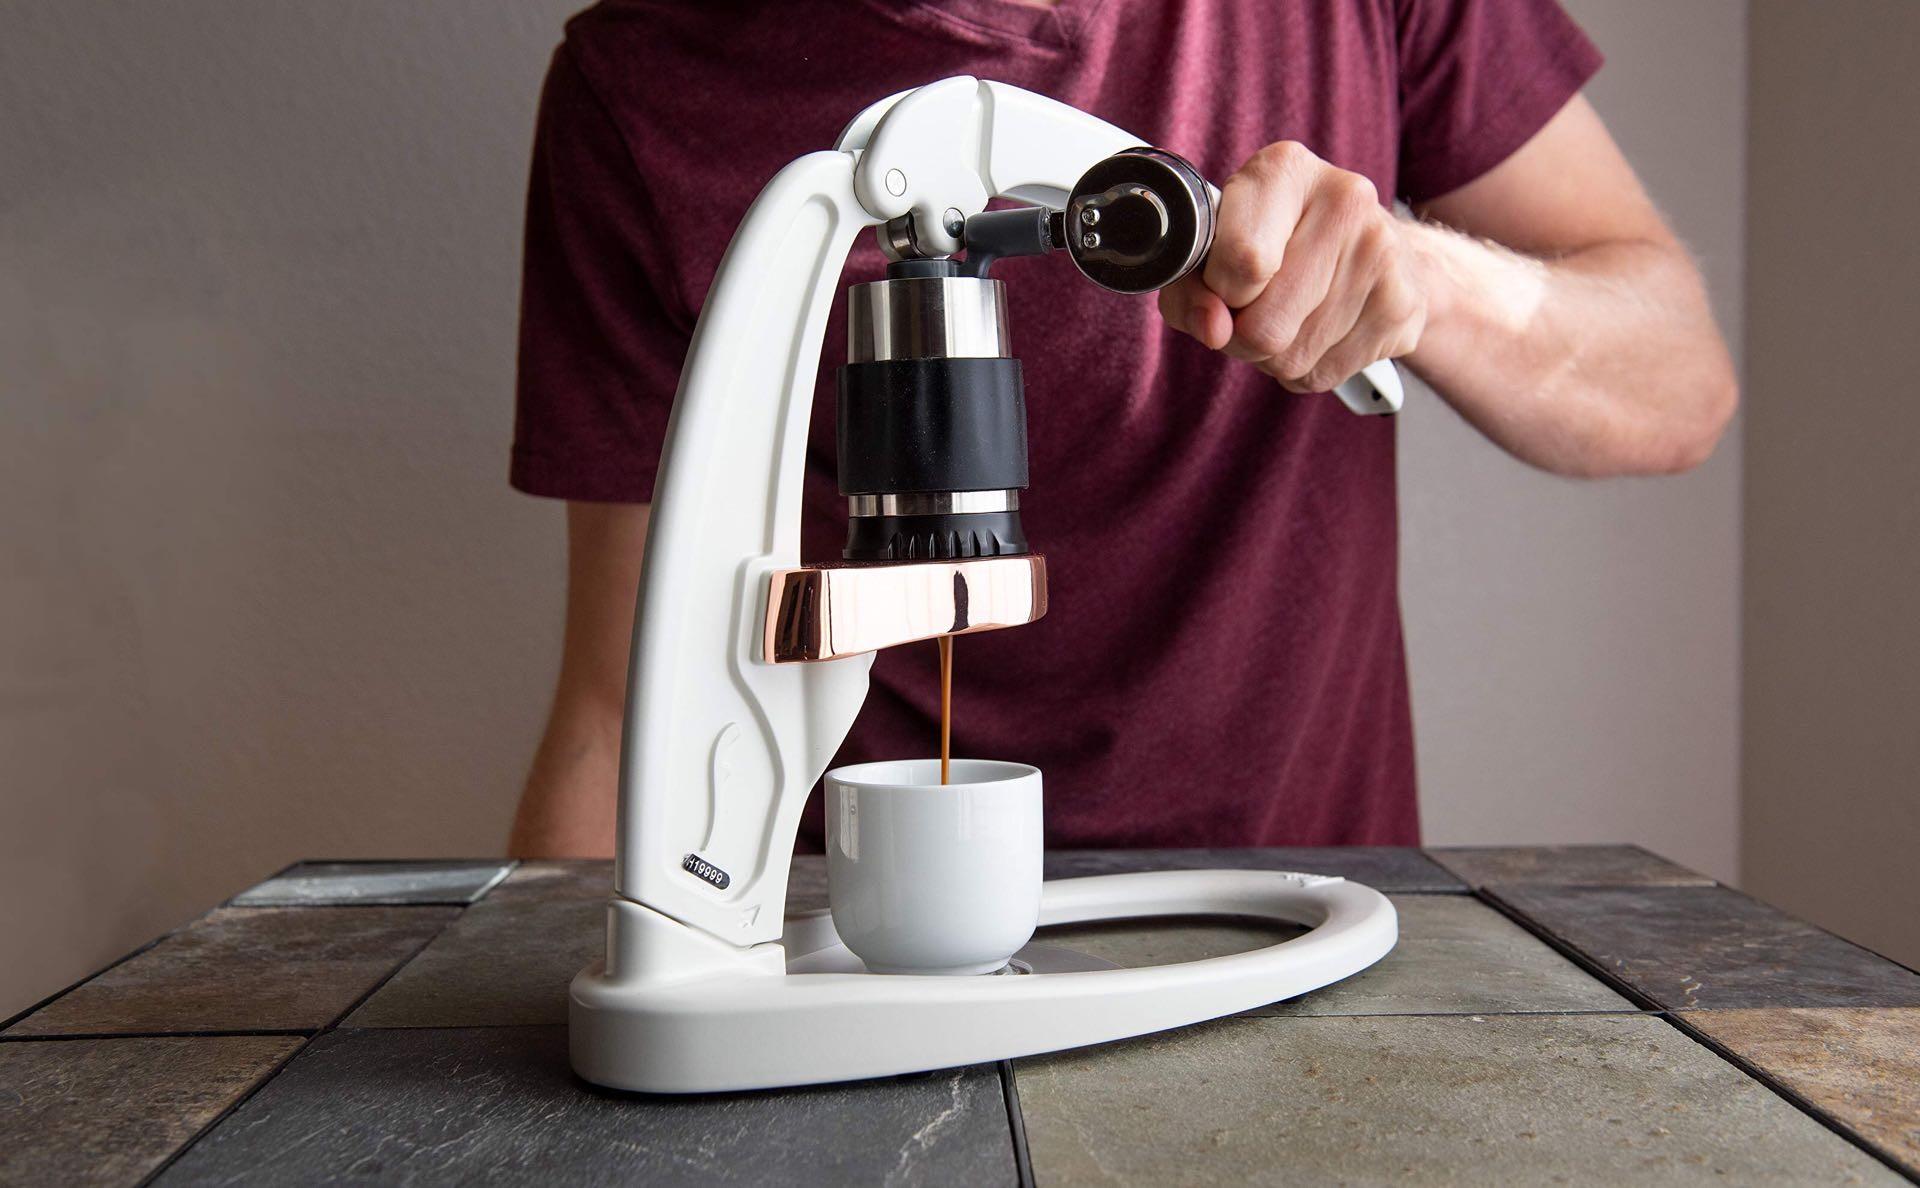 The Flair Signature espresso maker. ($239)